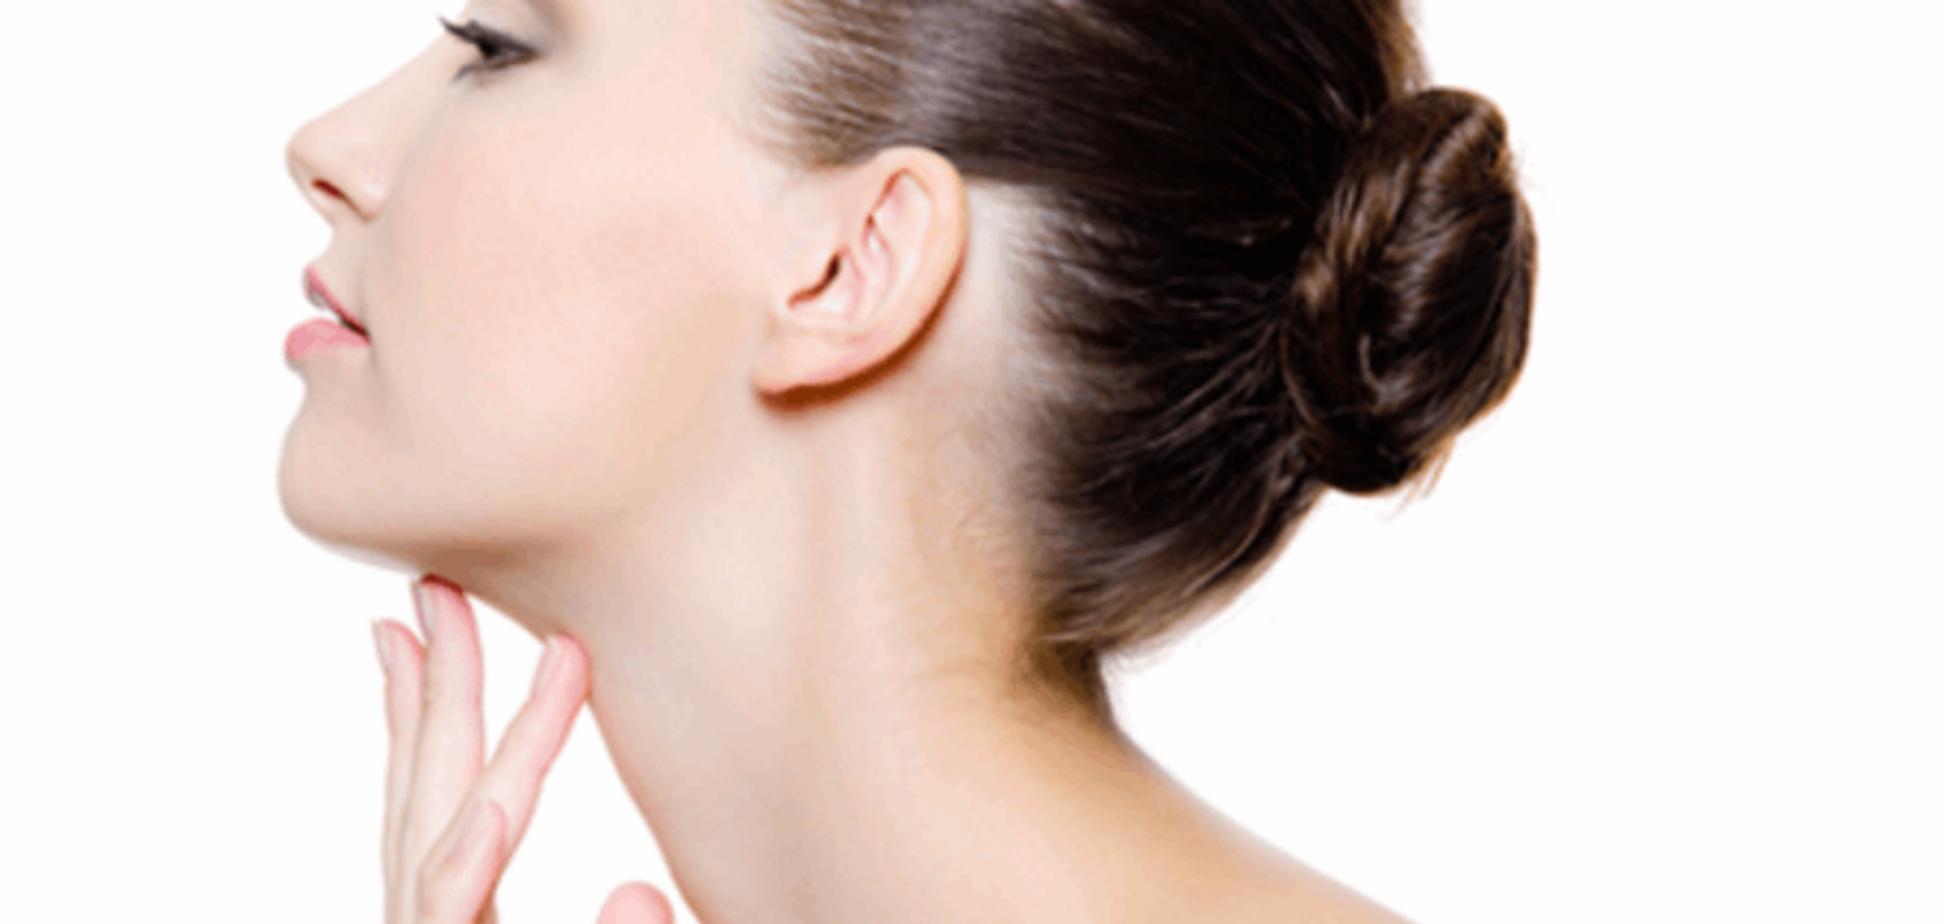 10 упражнений и процедур, избавляющих от двойного подбородка